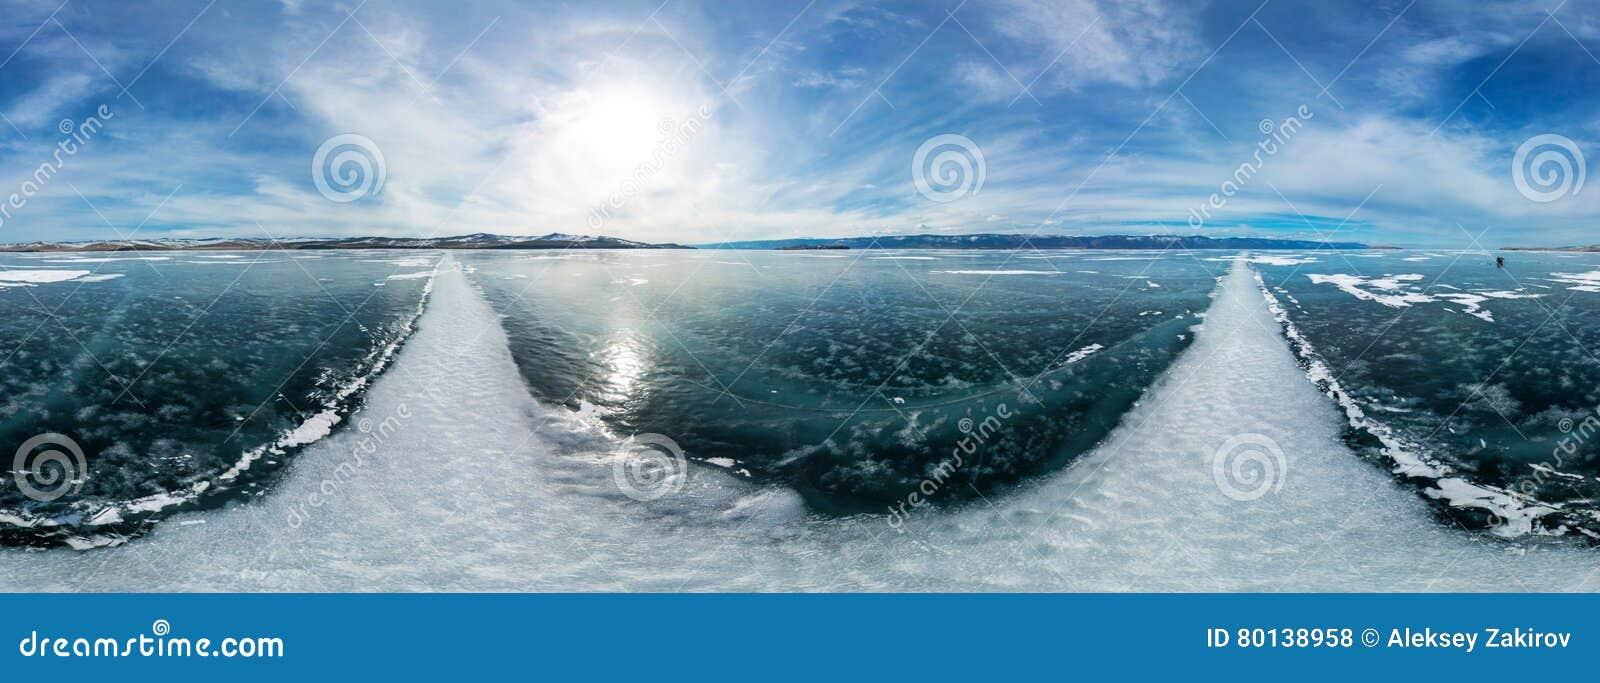 Cilindrisch panorama 360 grote witte barsten op het ijs van Meer B